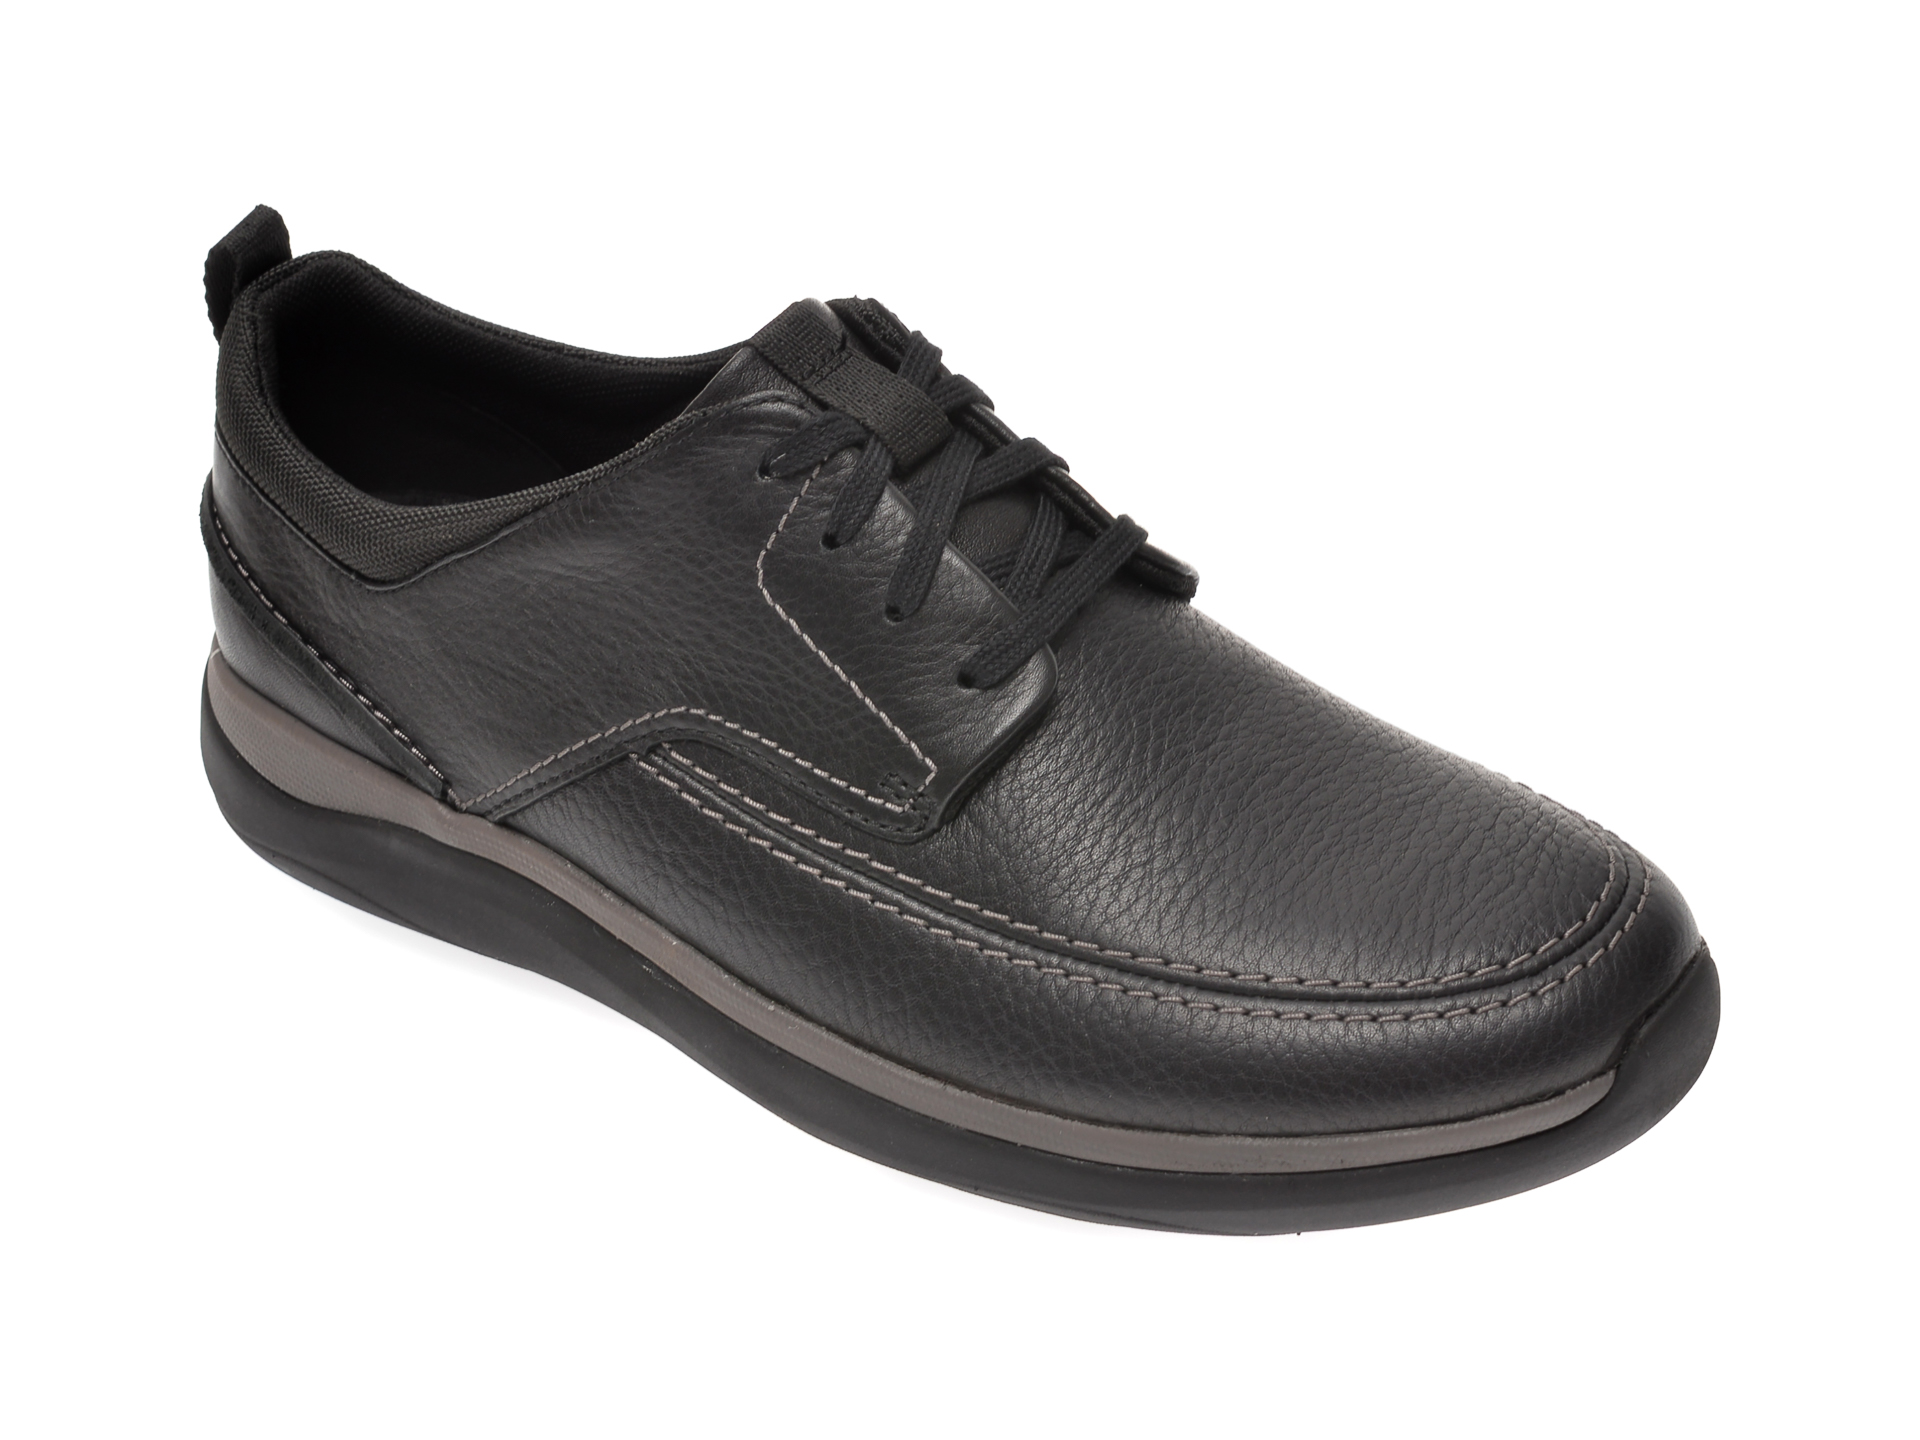 Pantofi CLARKS negri, Garratt Street, din piele naturala imagine